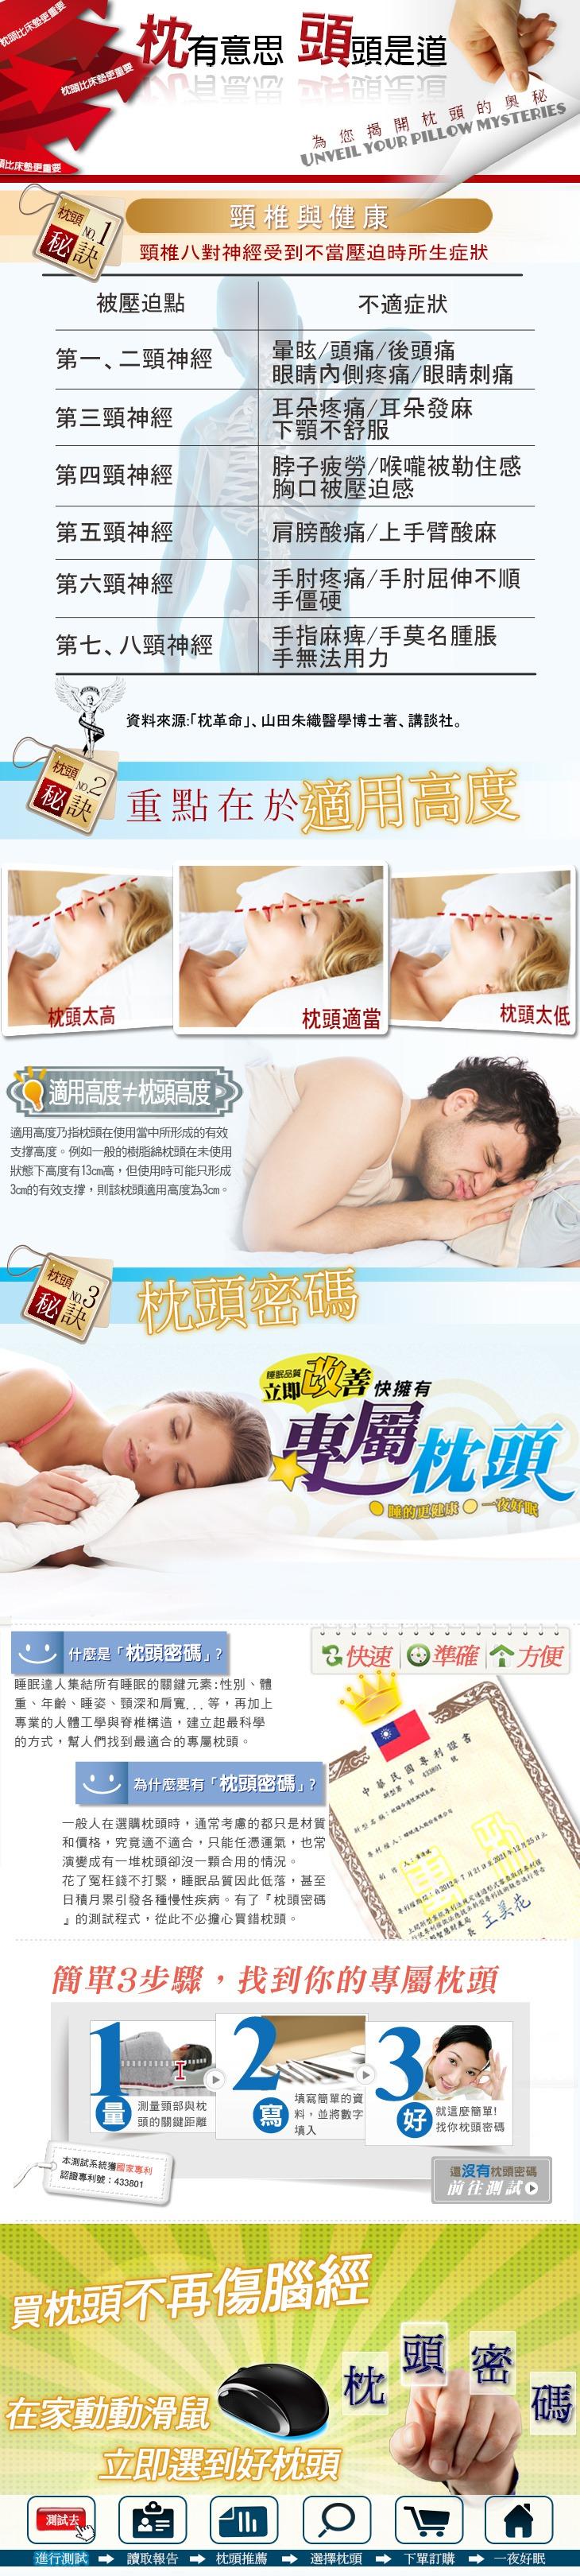 如何挑選枕頭 枕頭密碼 失眠 睡不好 肩頸僵硬 手指麻痺 睡眠達人 頭痛頭暈